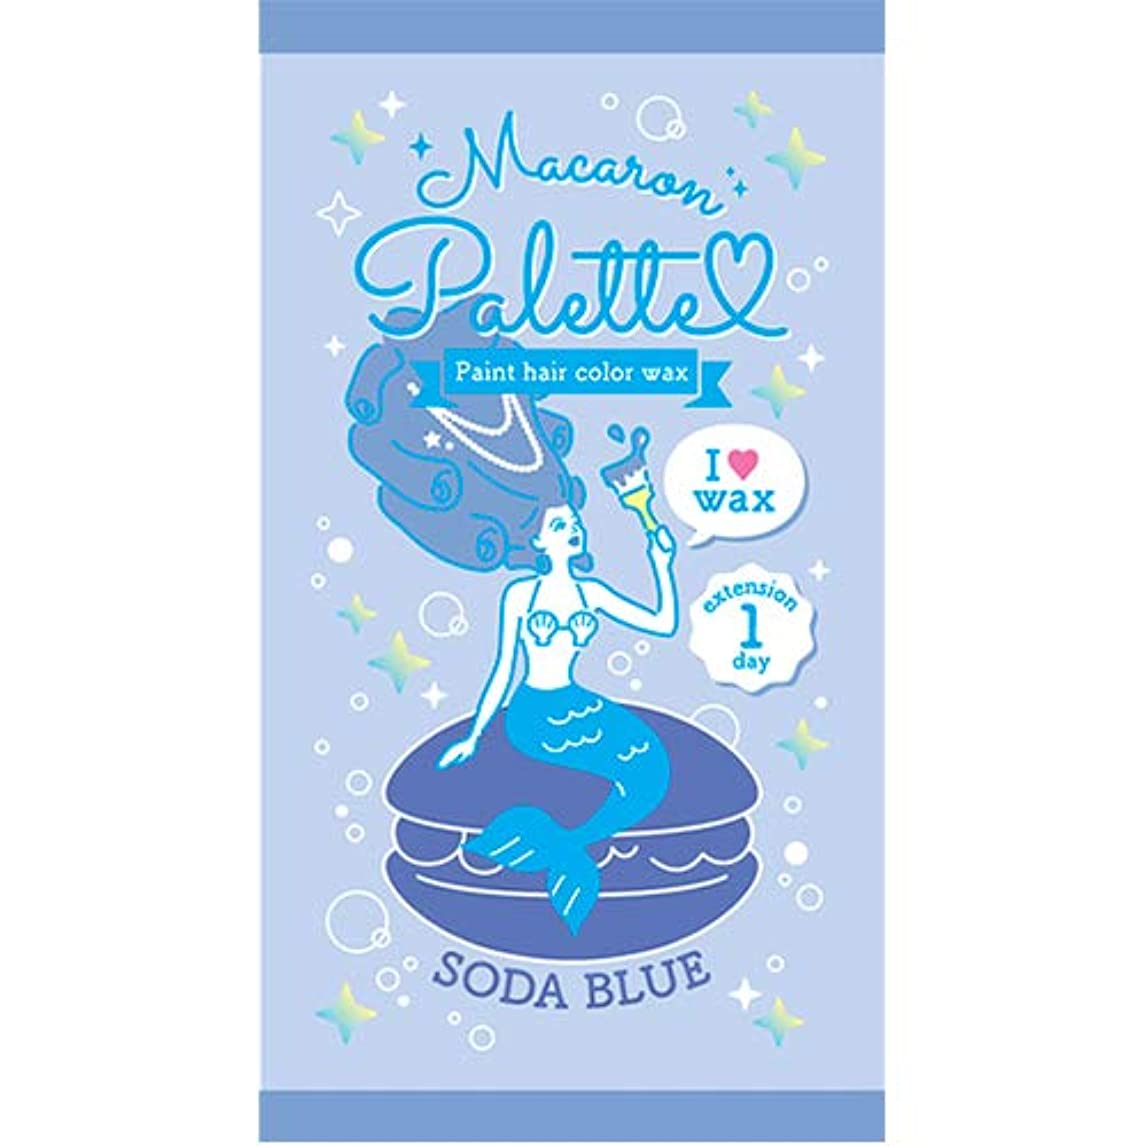 思春期傷跡スキムマカロンパレット カラーワックス SB (7g) ソーダブルー SODA BLUE